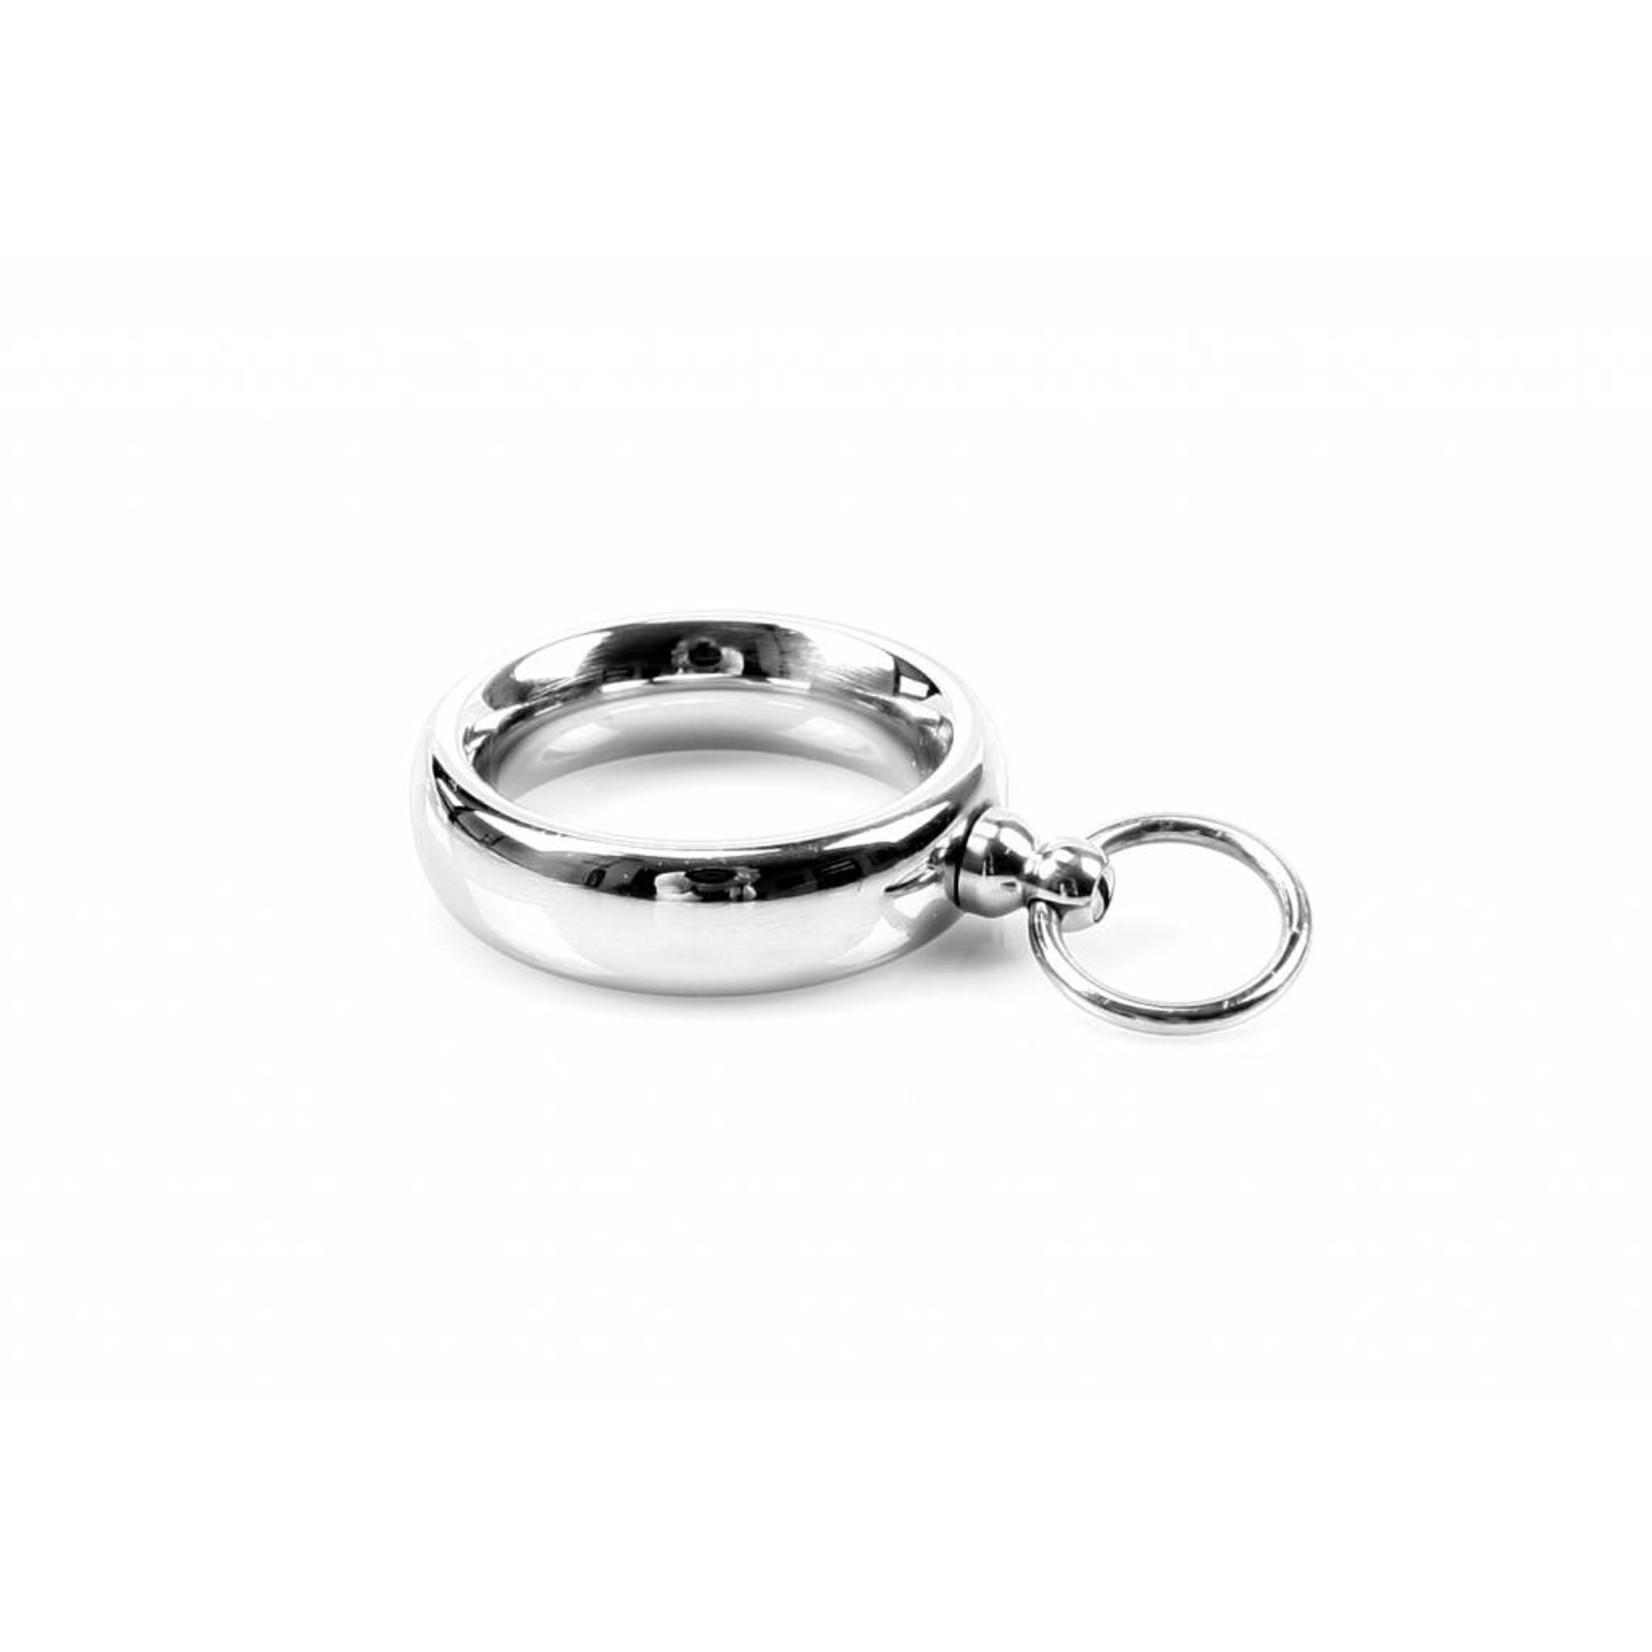 KIOTOS Steel Donut O Ring - 40 mm